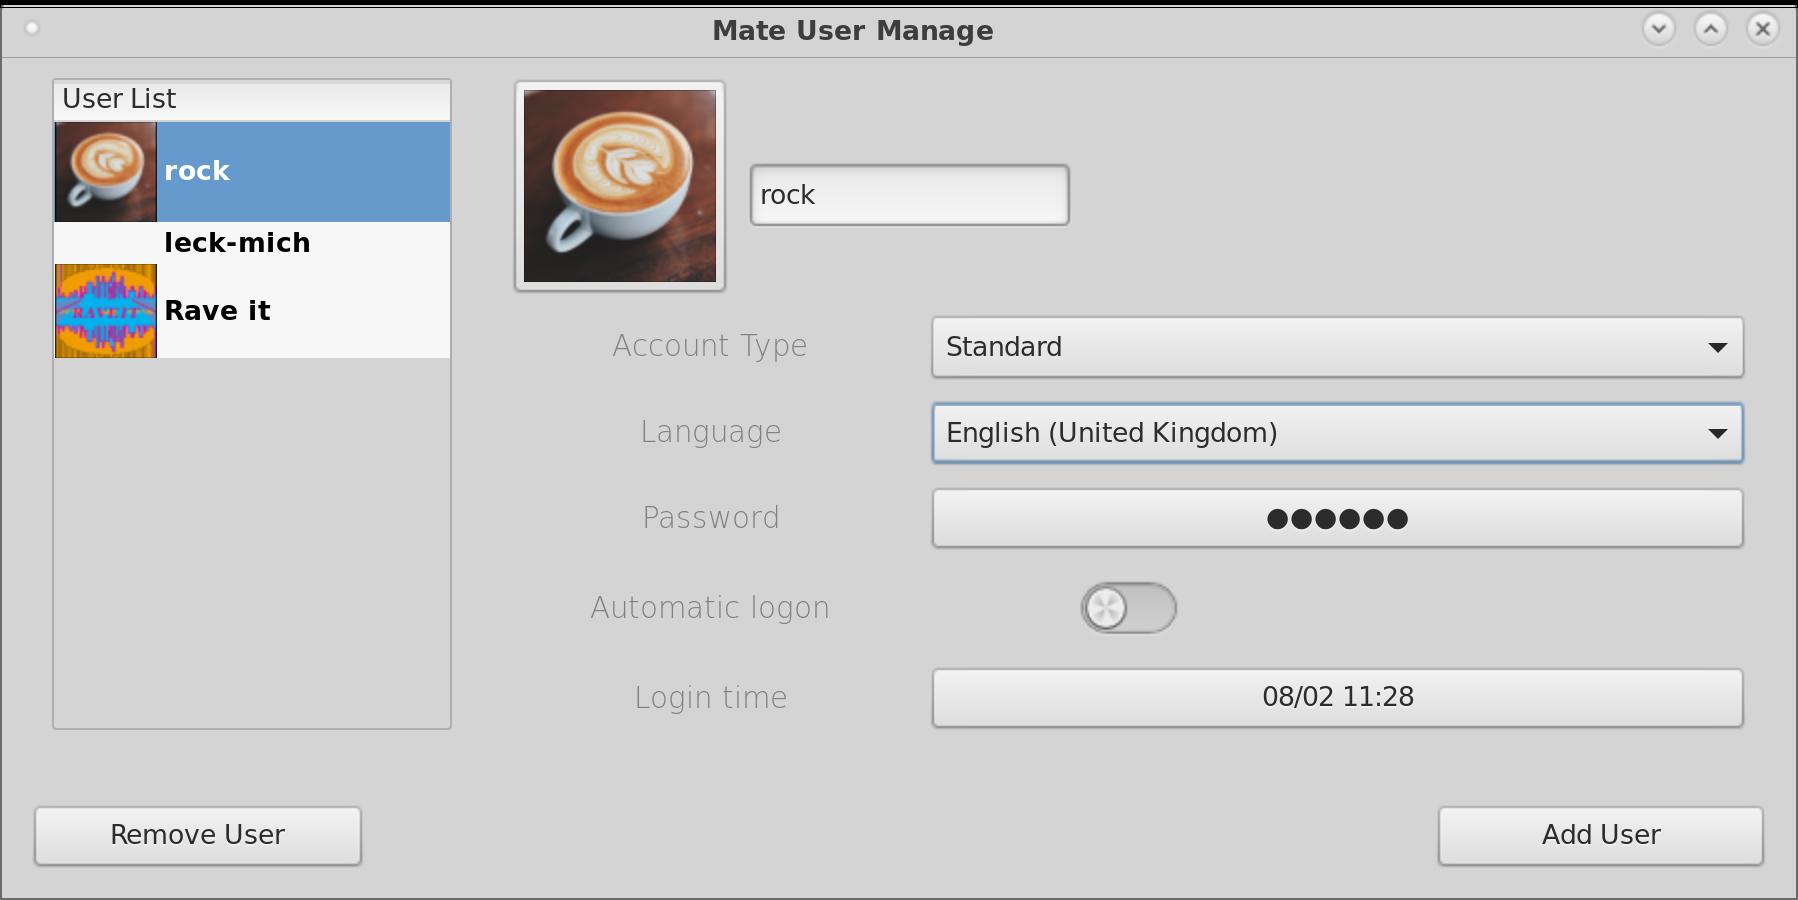 mate user-admin · Issue #329 · mate-desktop/mate-desktop